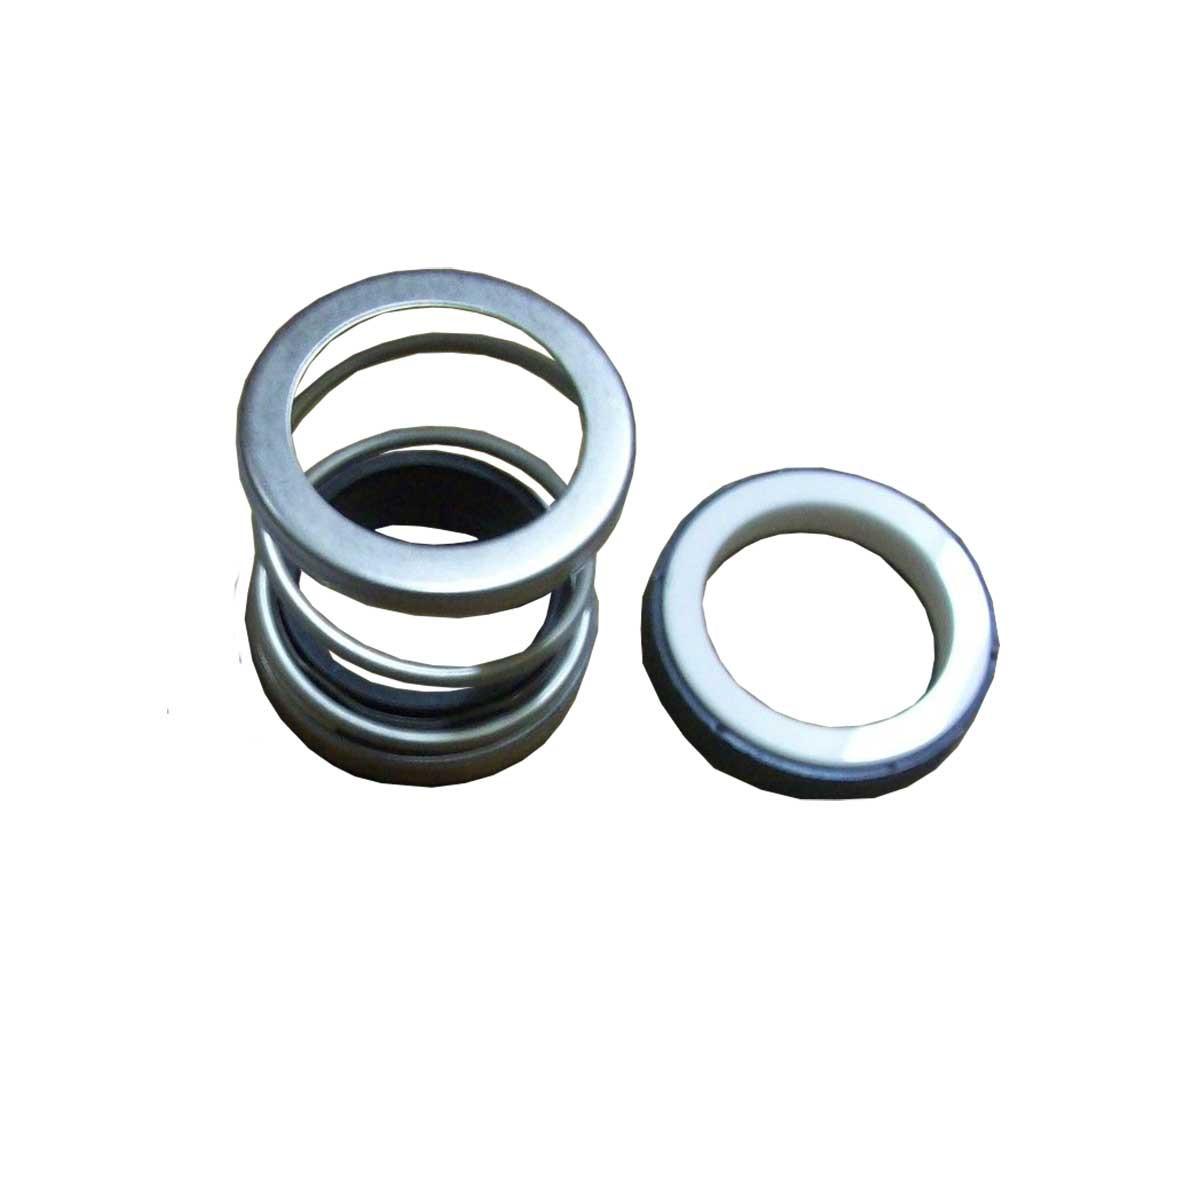 Wacker Neuson Silicon Carbide Mechanical Seal